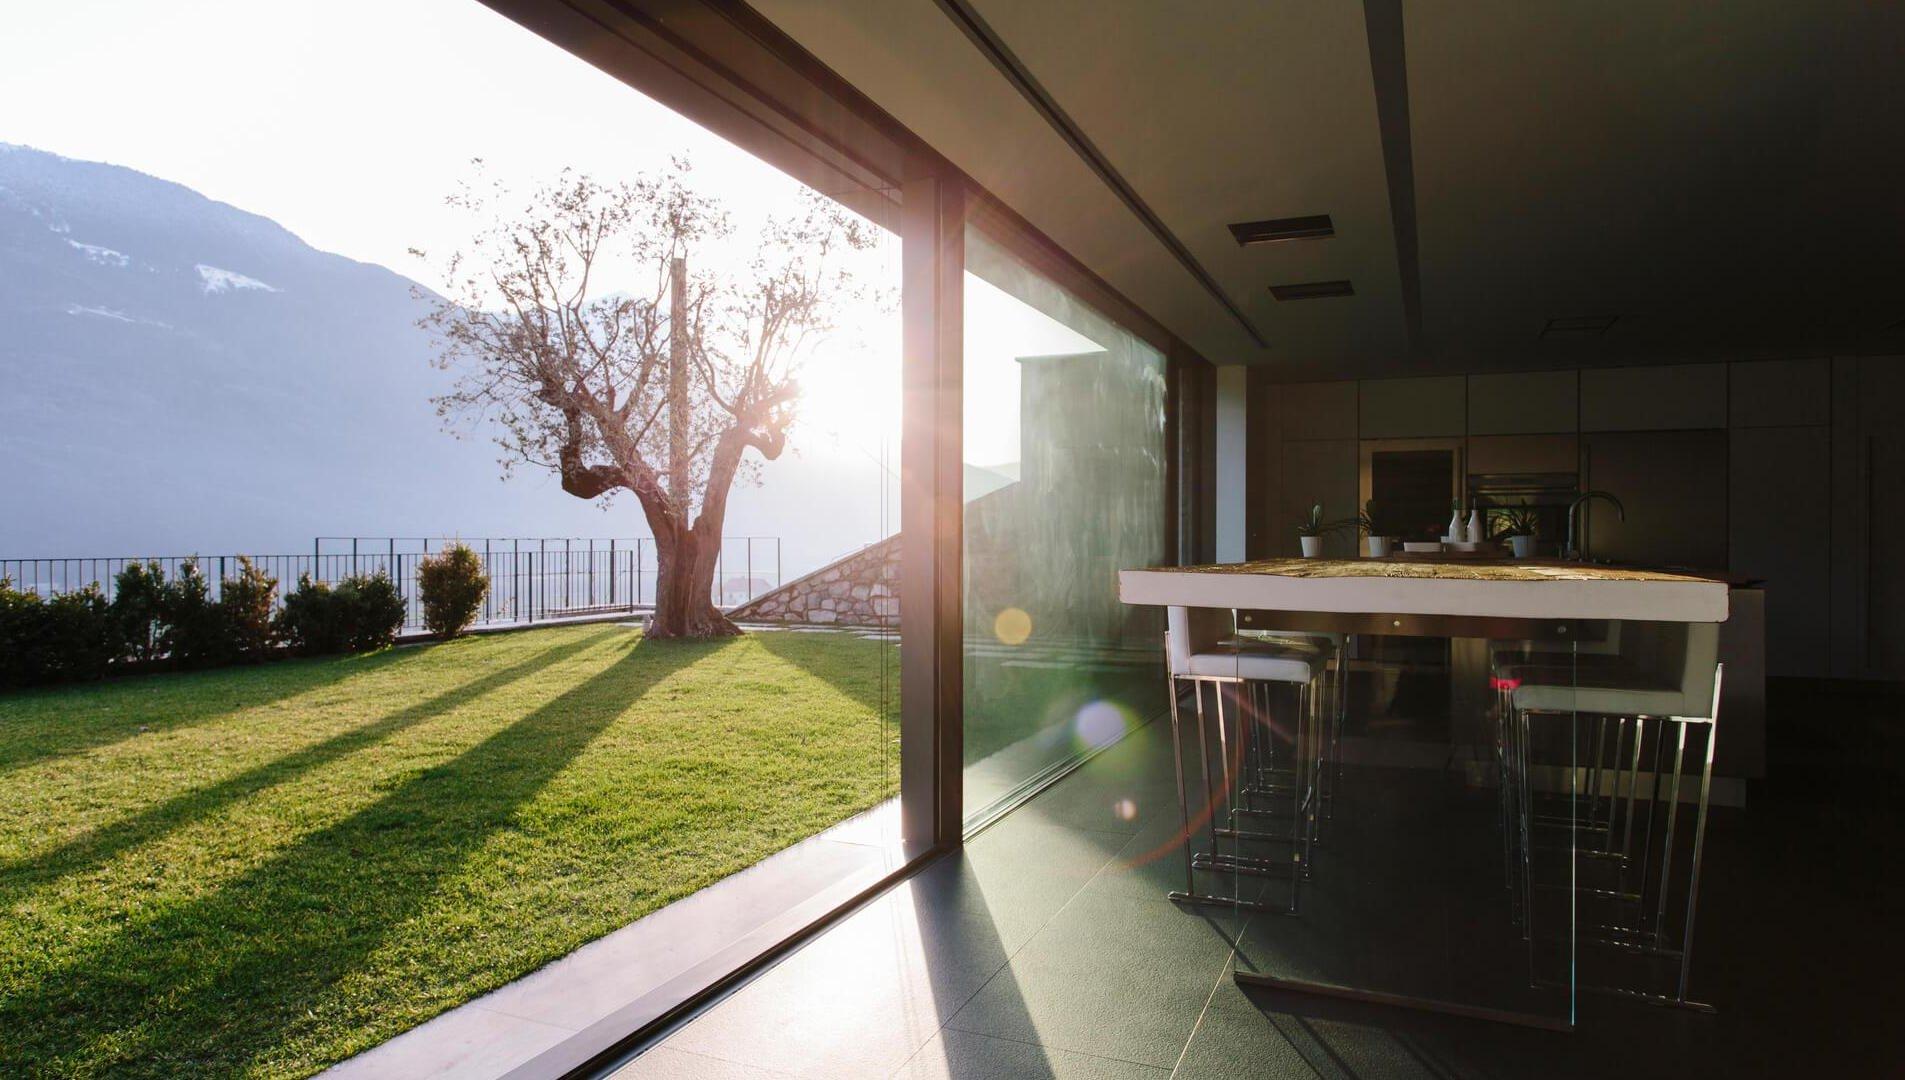 Mulattieri, partner per l'architettura contemporanea